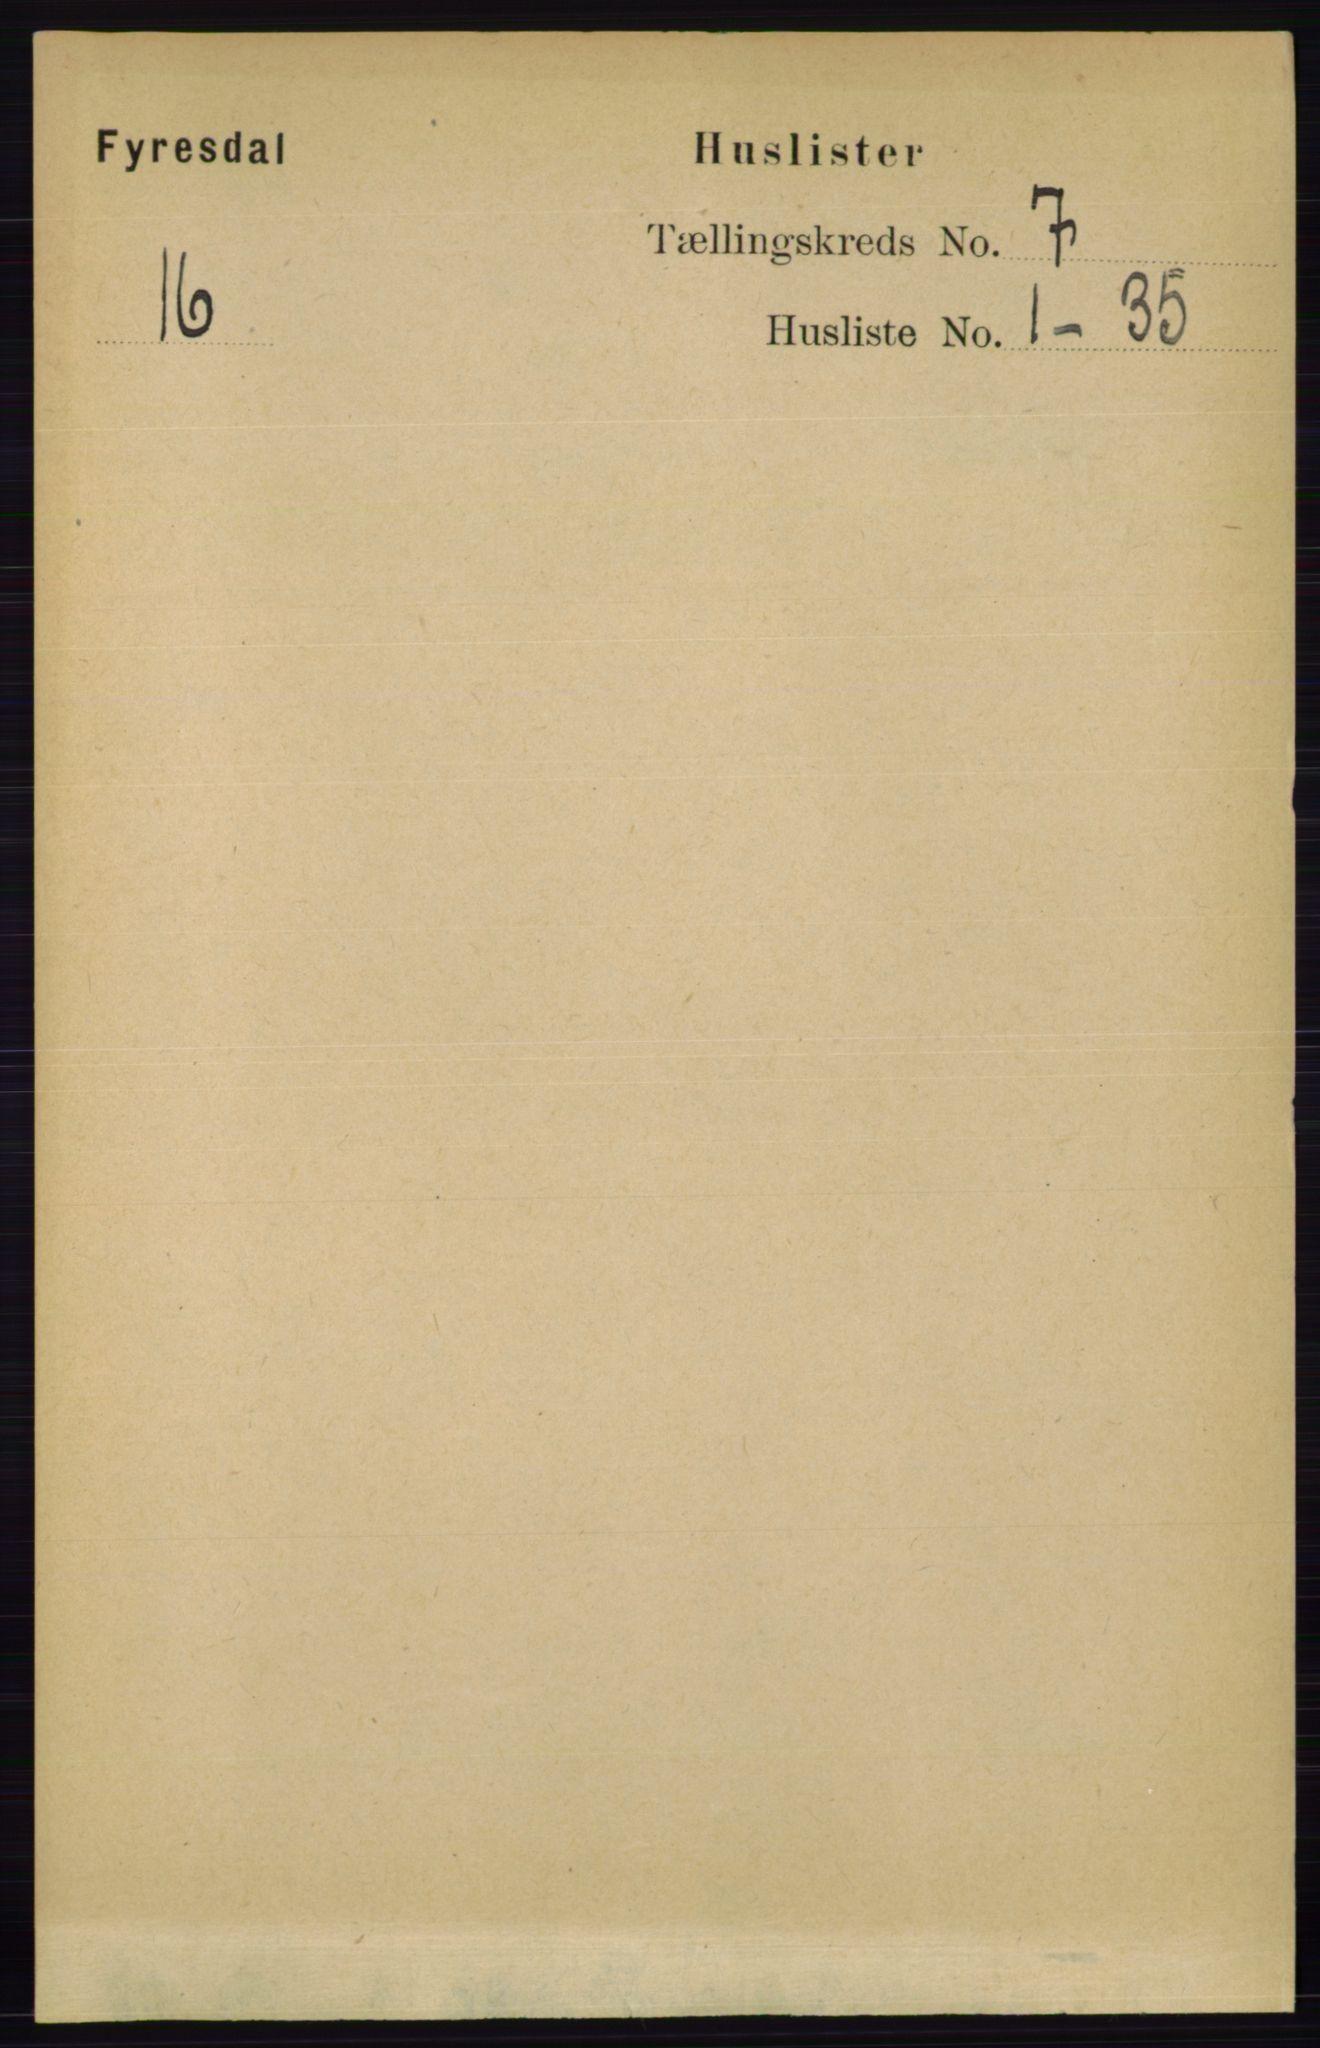 RA, Folketelling 1891 for 0831 Fyresdal herred, 1891, s. 1856